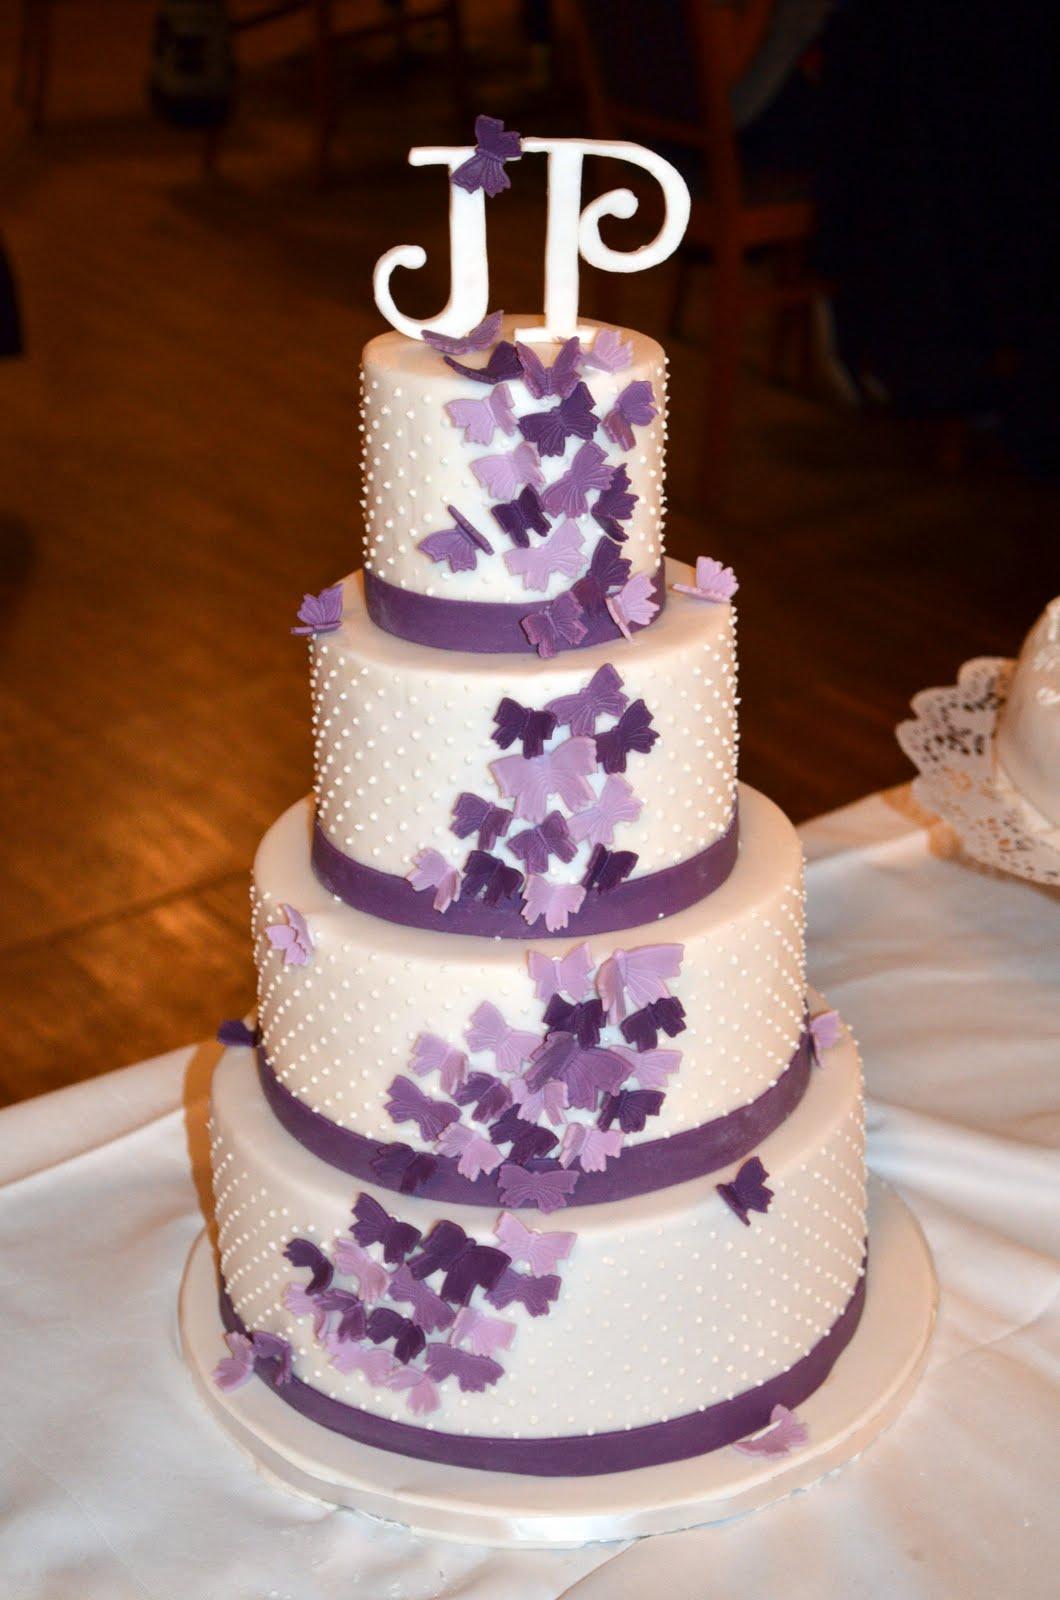 Torten Cupcakes By Sibl Hochzeitstorte In Violett